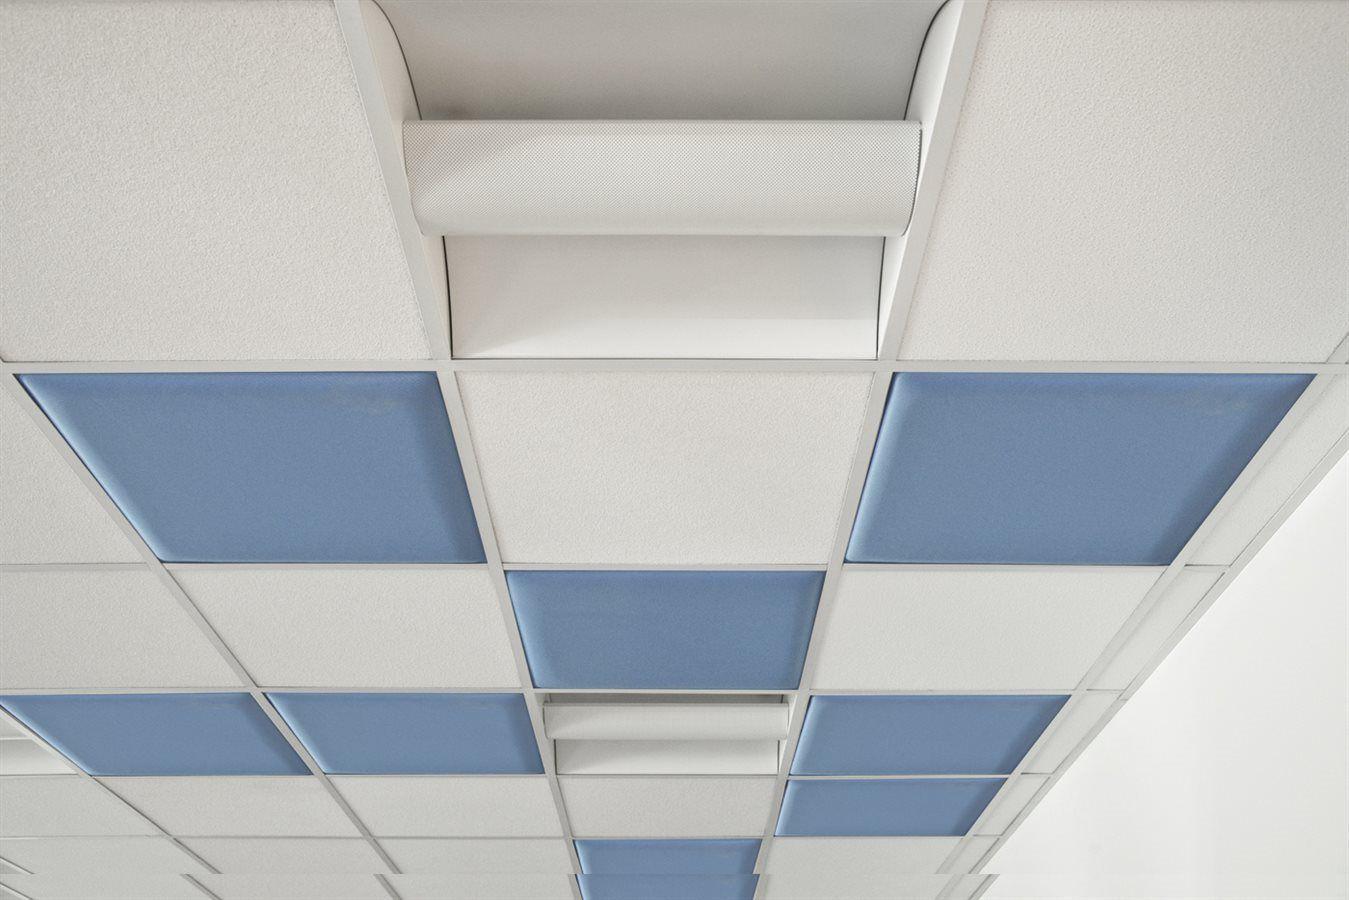 False ceiling acoustic panel / hanging / commercial - COLIBRÌ - DVO